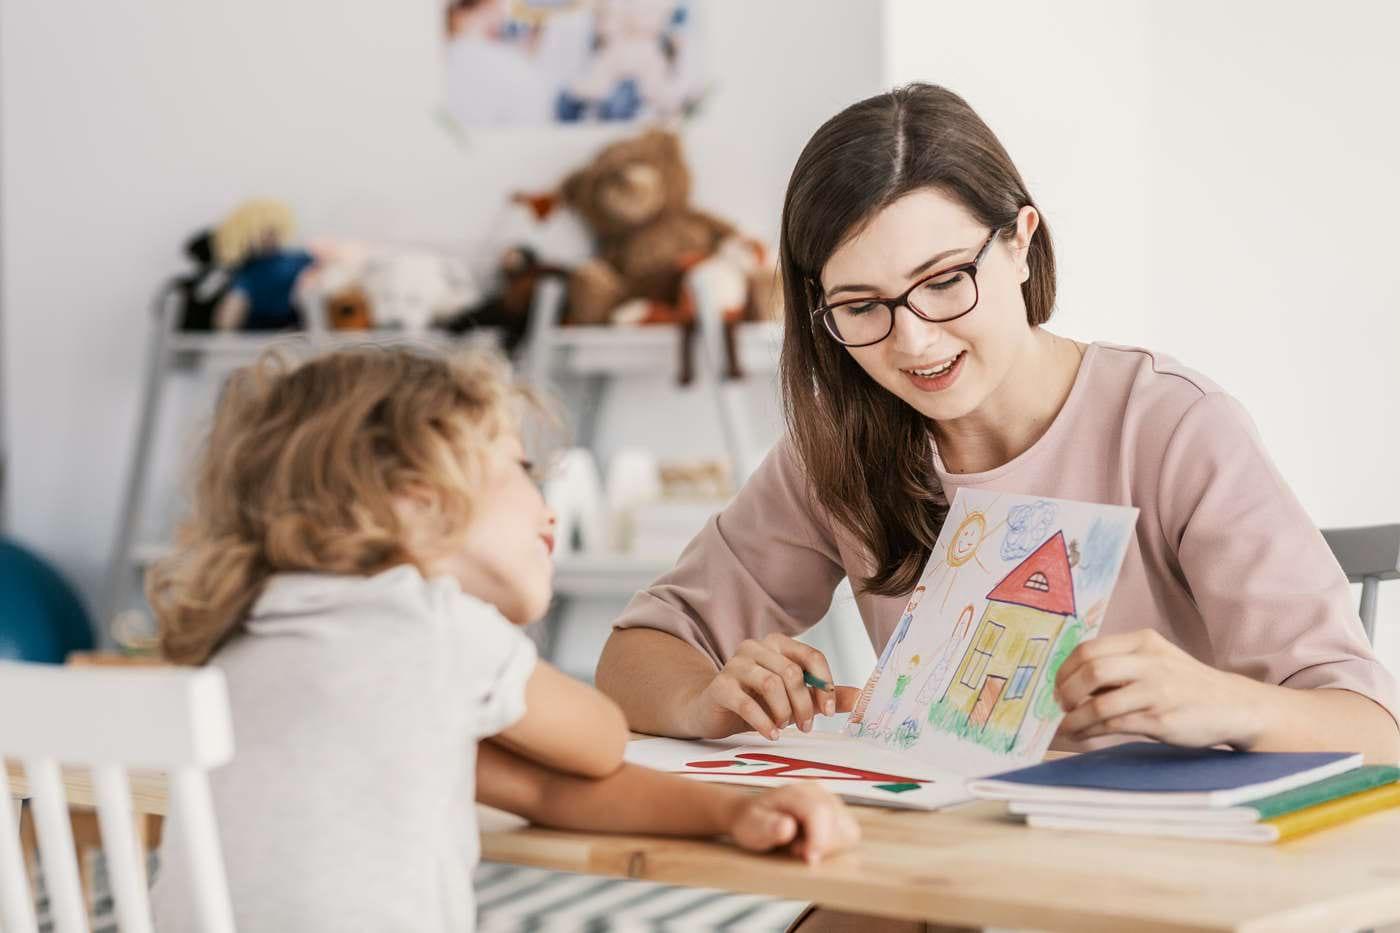 Se poate trata autismul înainte de apariția simptomelor? [studiu]